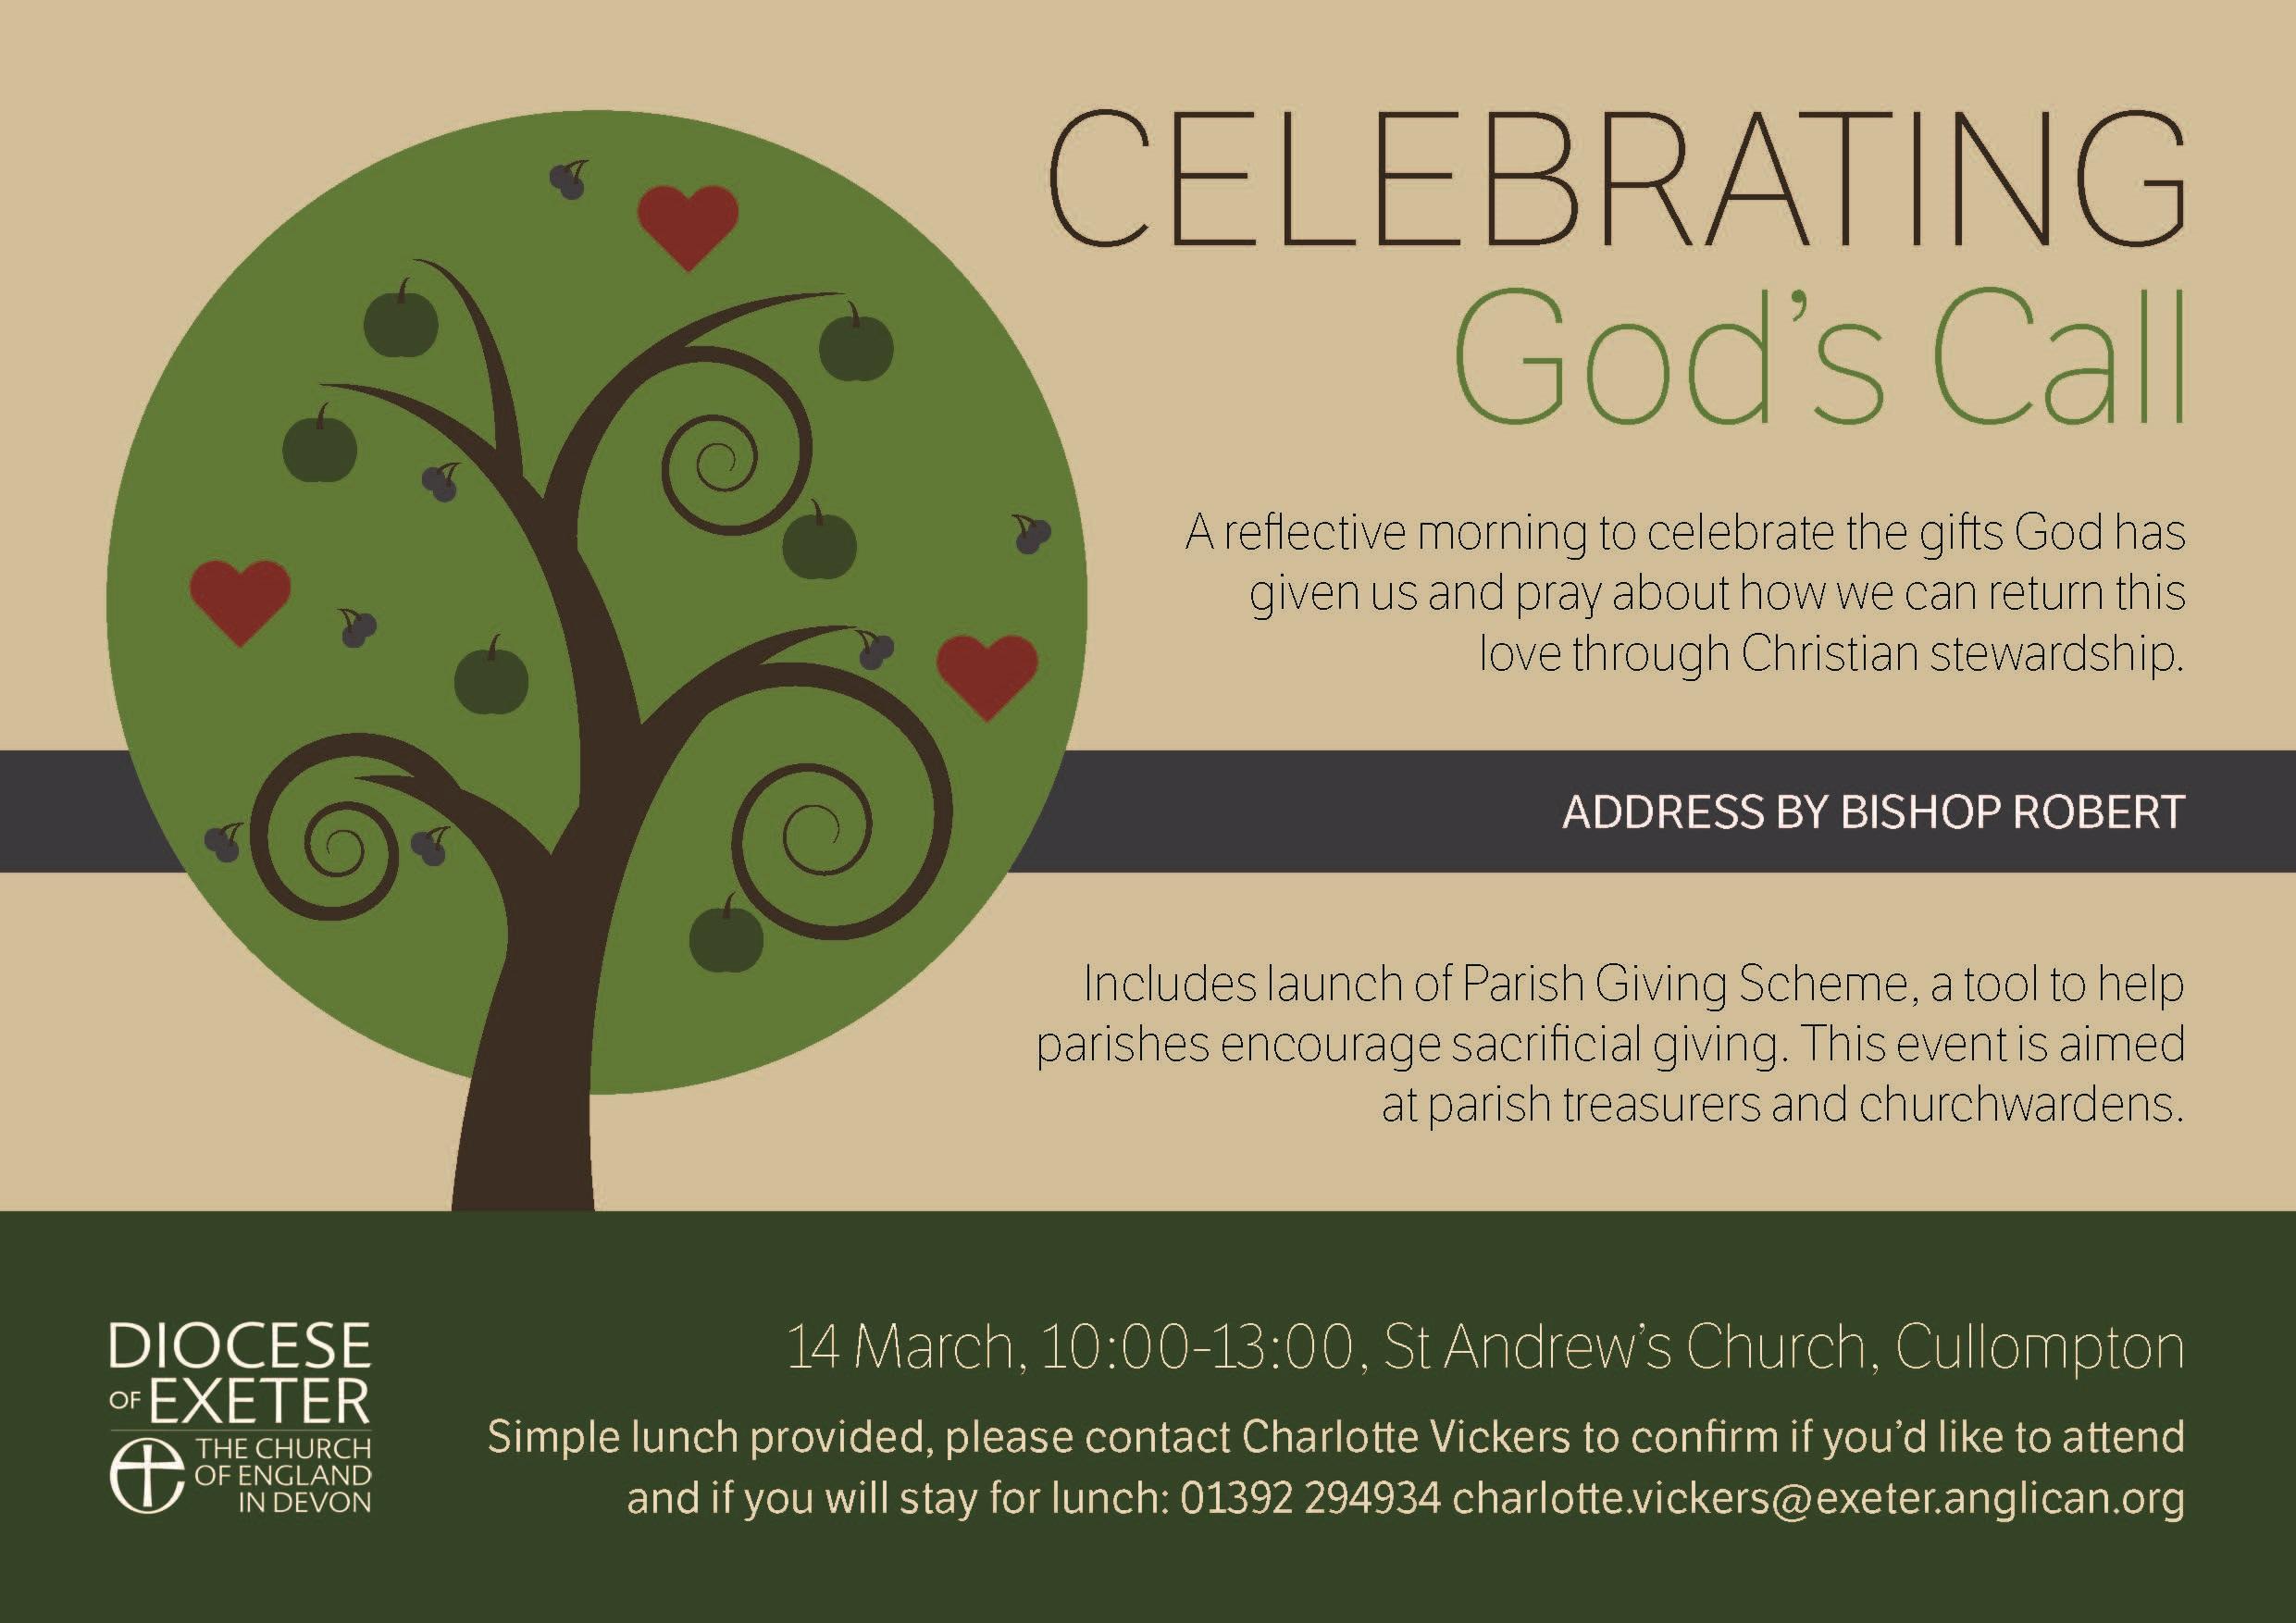 The Parish Giving Scheme